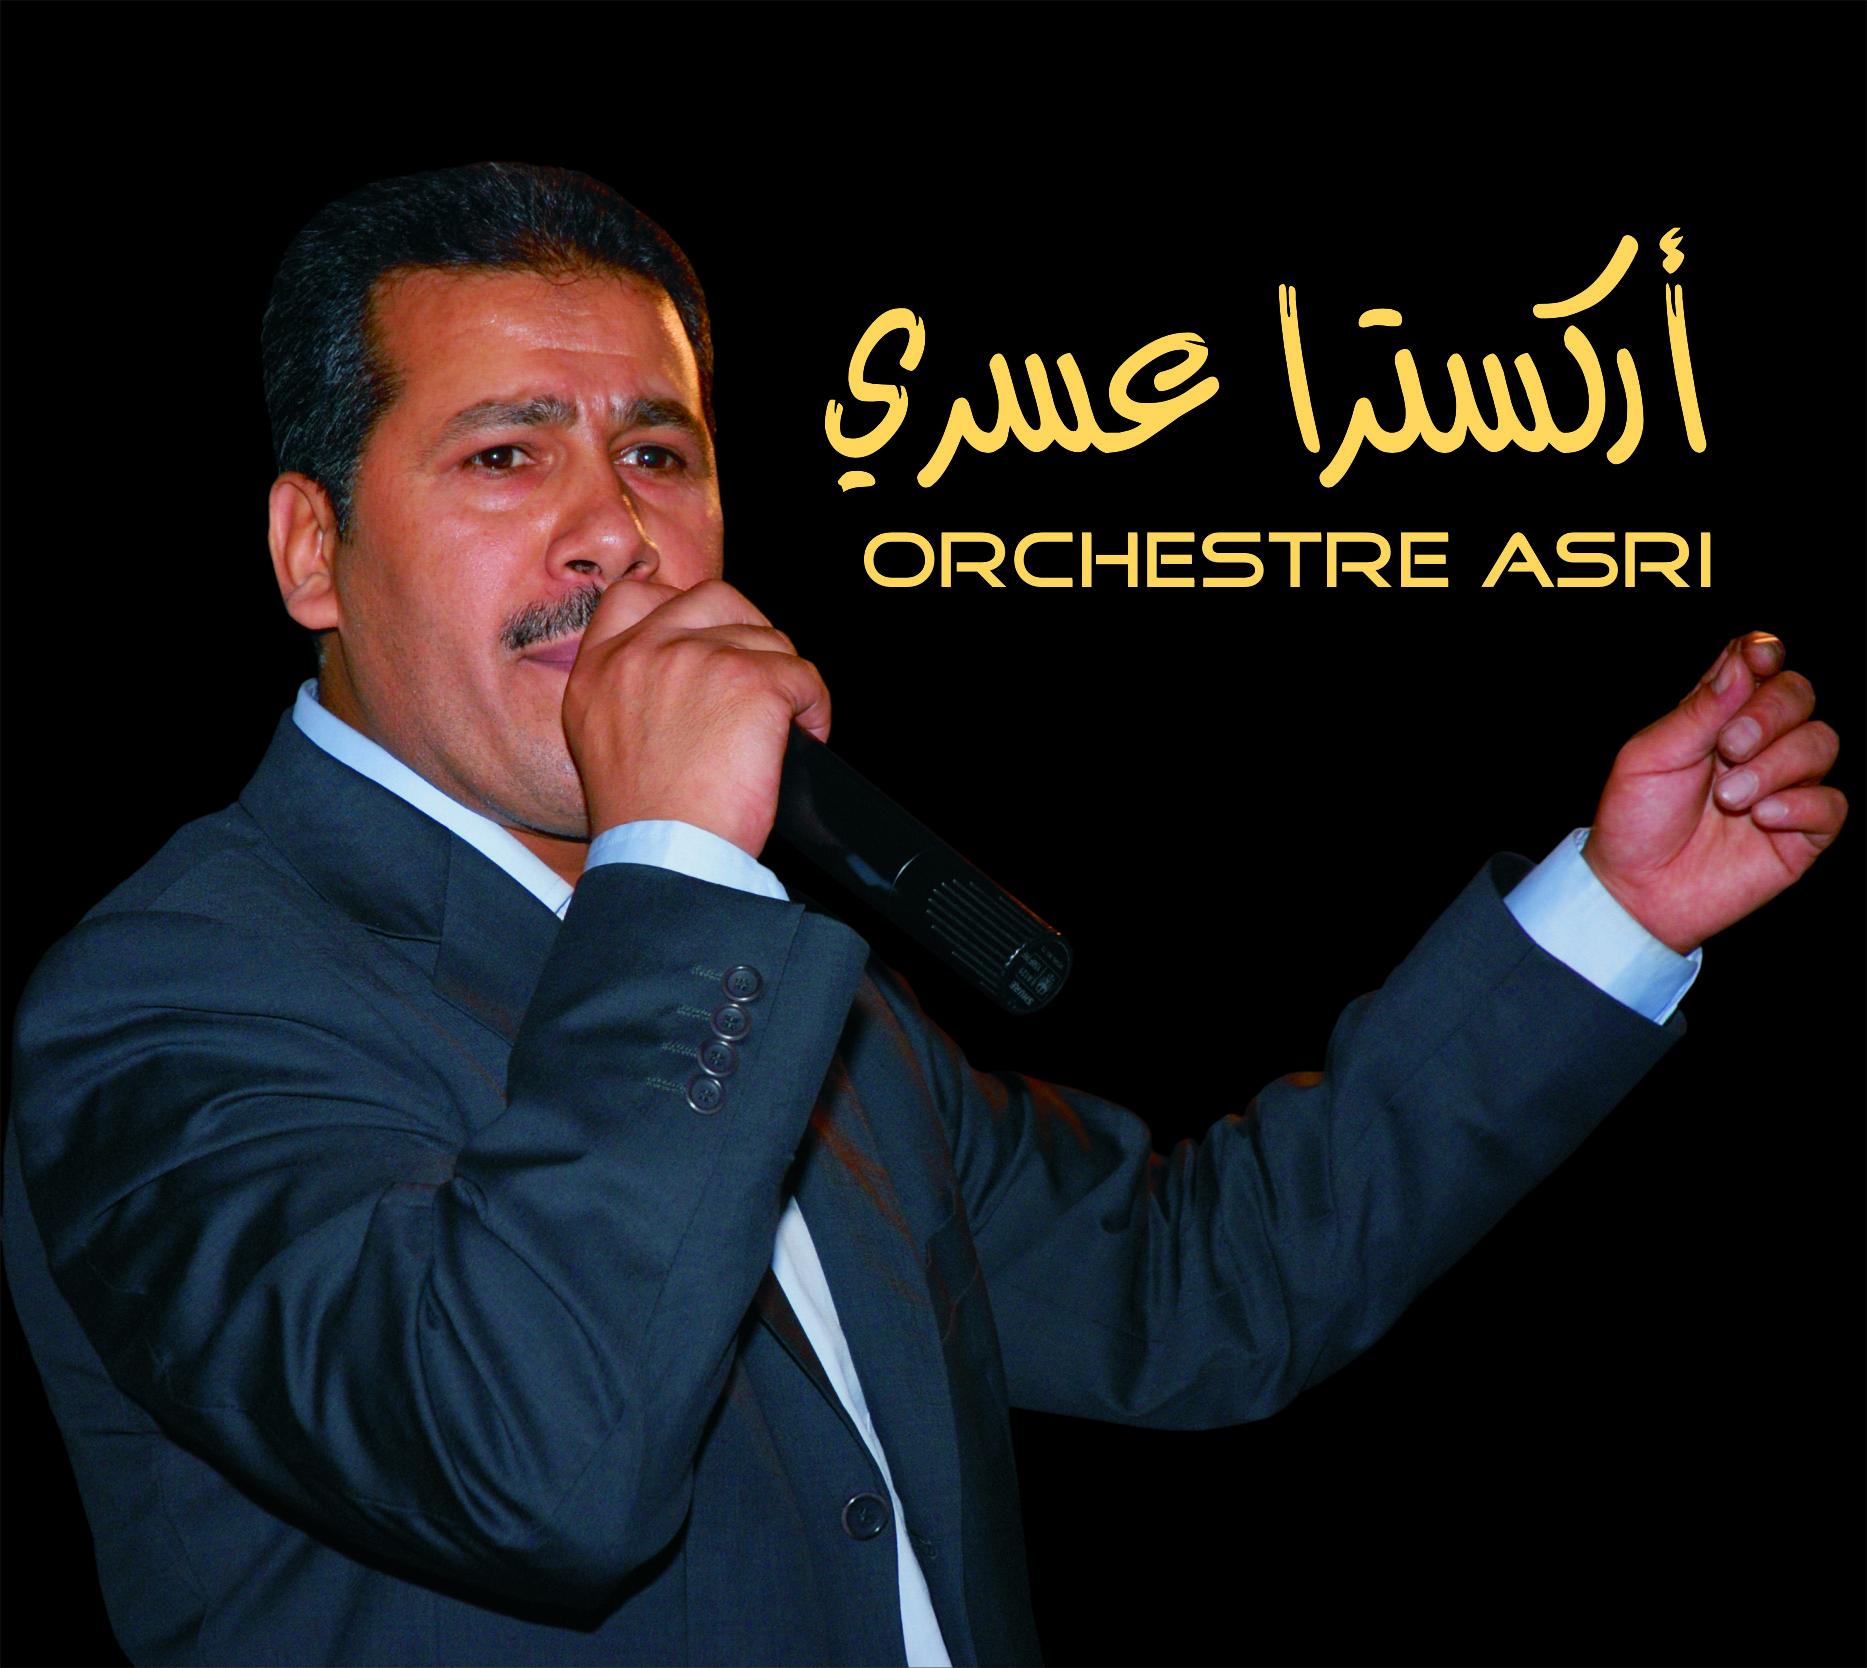 orchestre asri